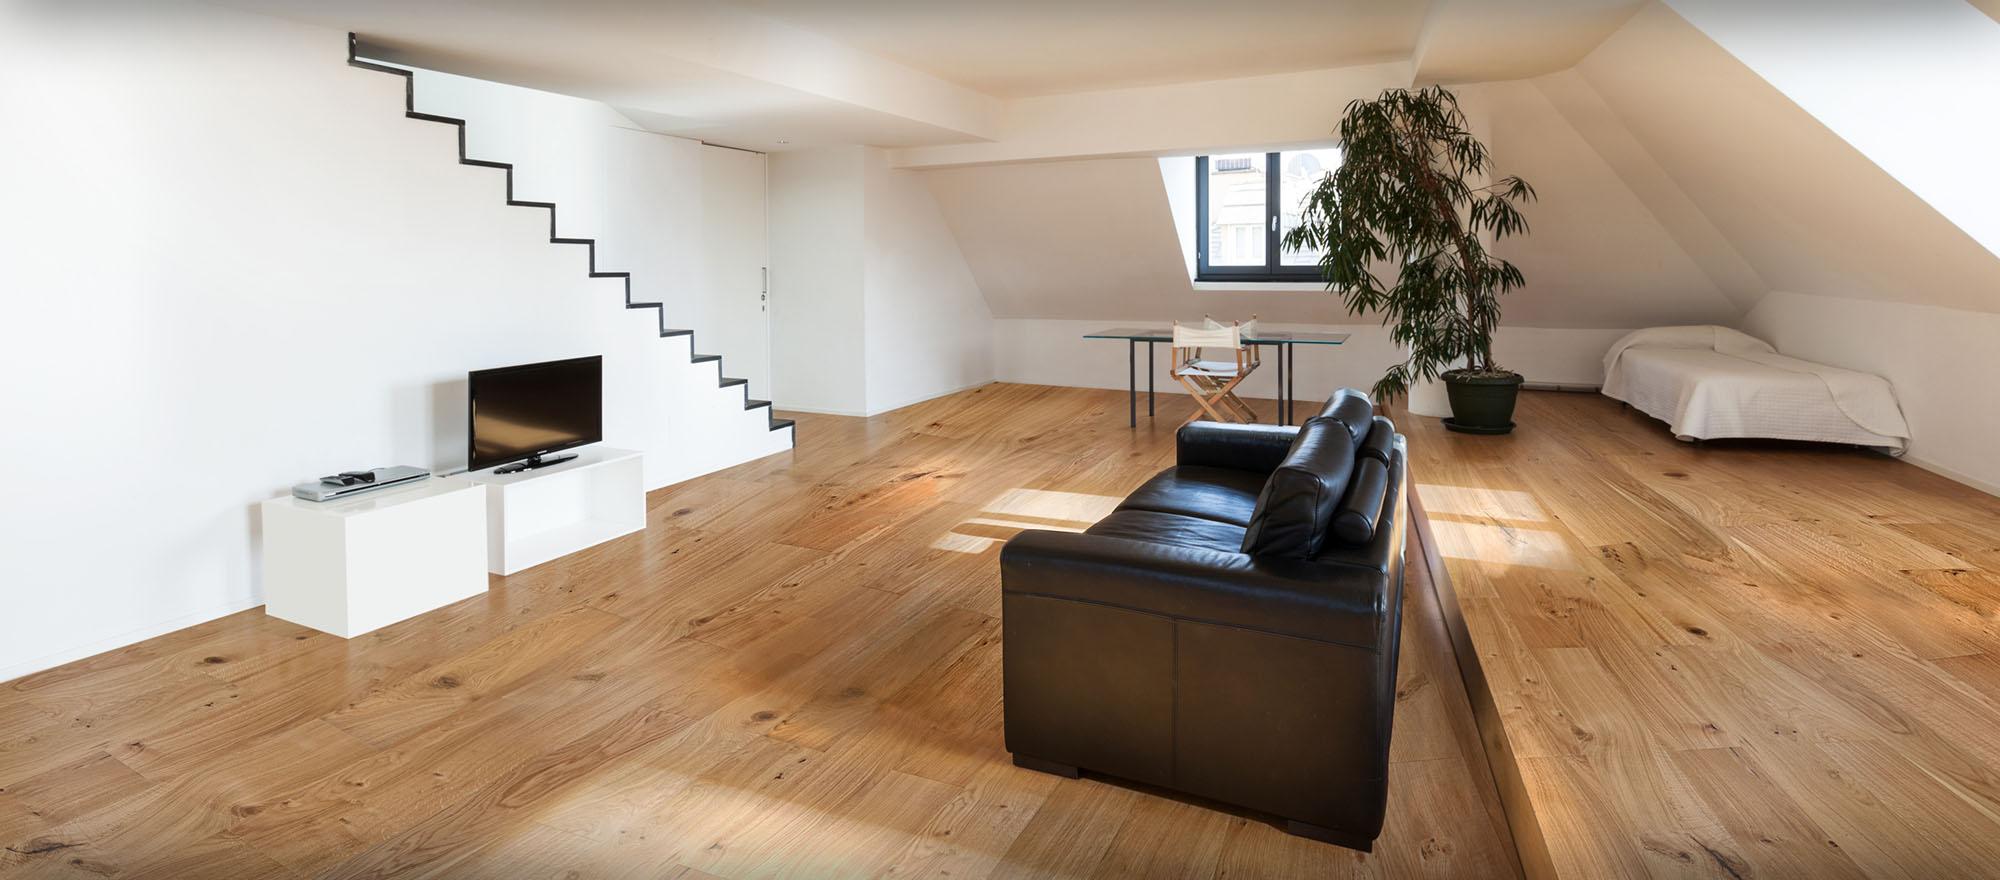 podłogi drewniane dąb klasyczny realizacja